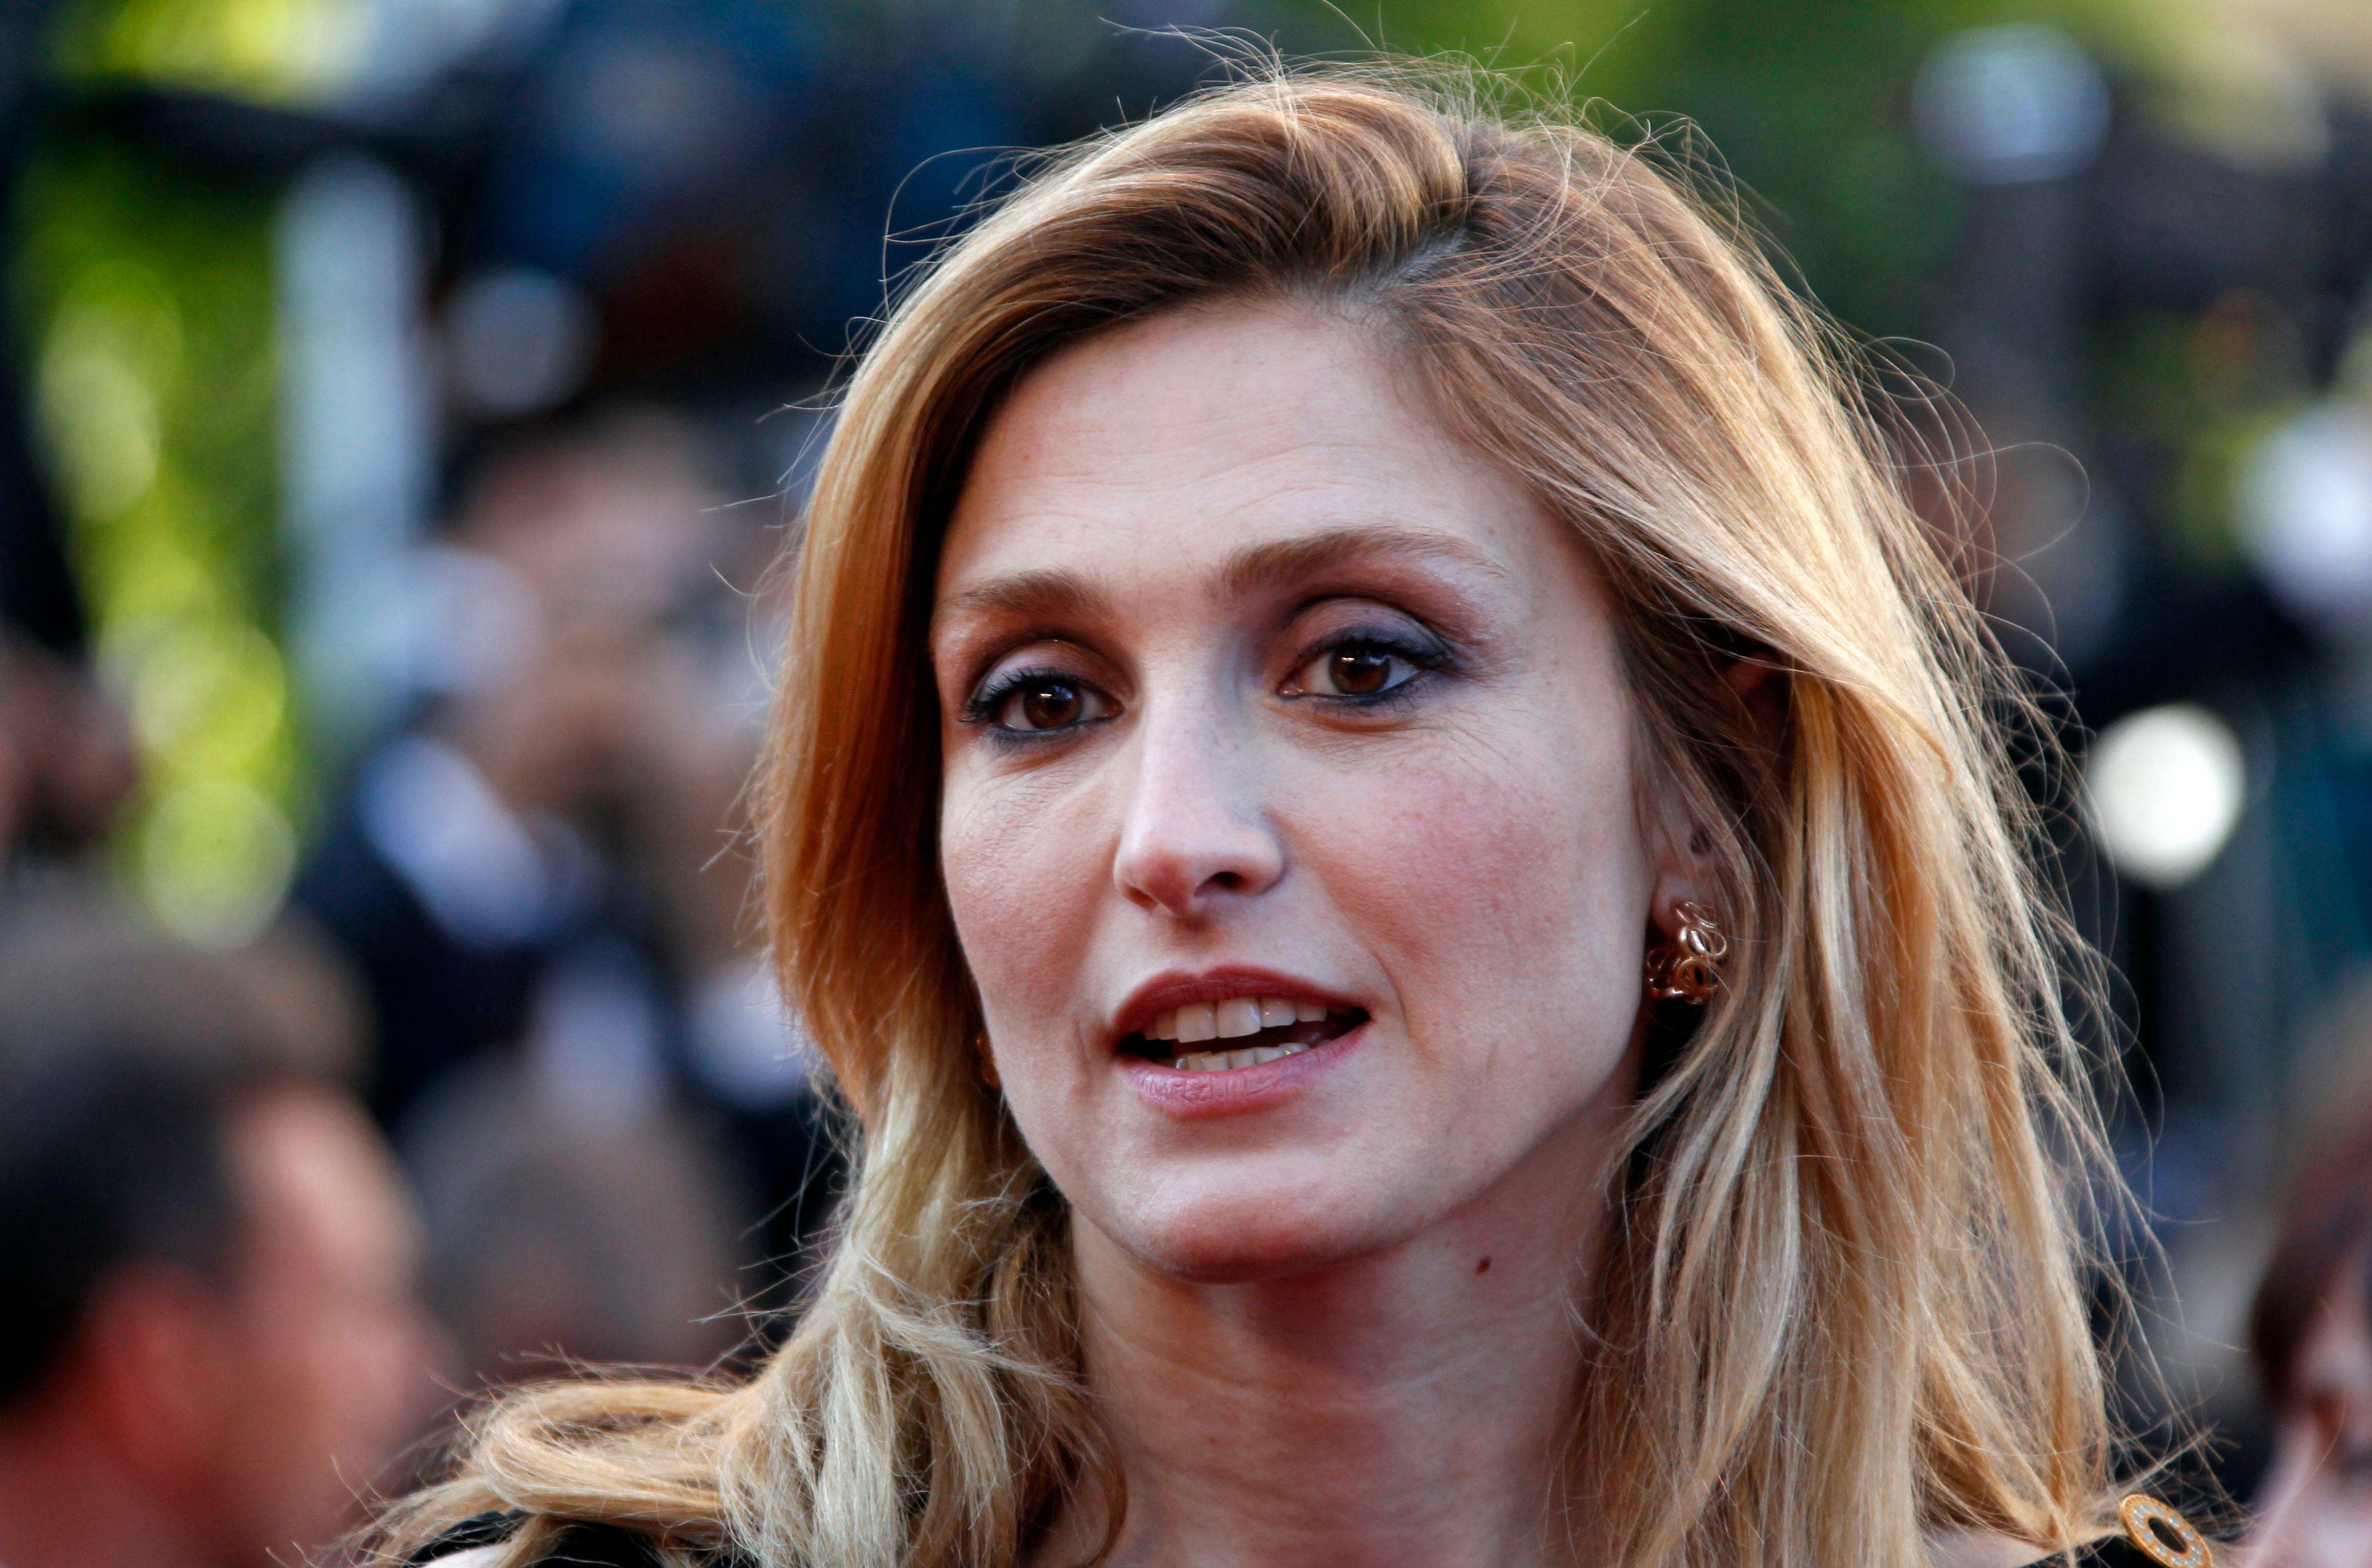 Selon Closer, l'actrice Julie Gayet entretiendrait une liaison avec François Hollande.